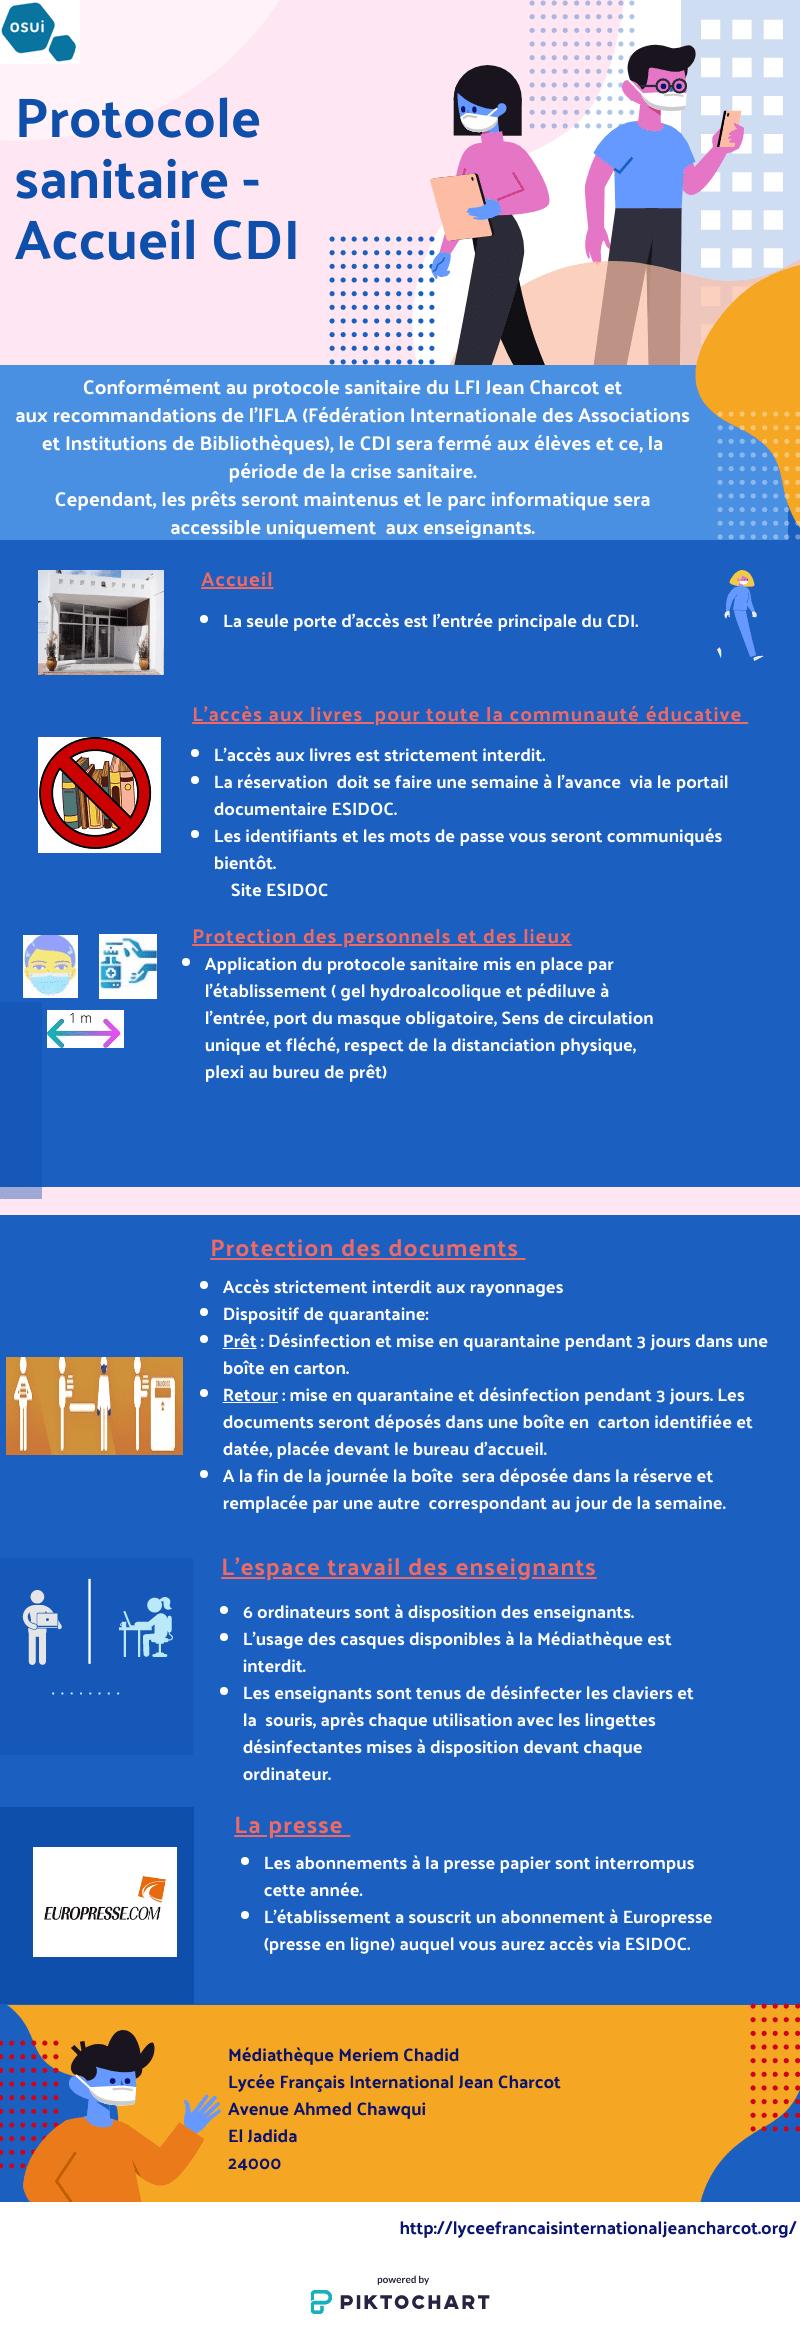 Protocole sanitaire de la médiathèque du LFI Jean Charcot